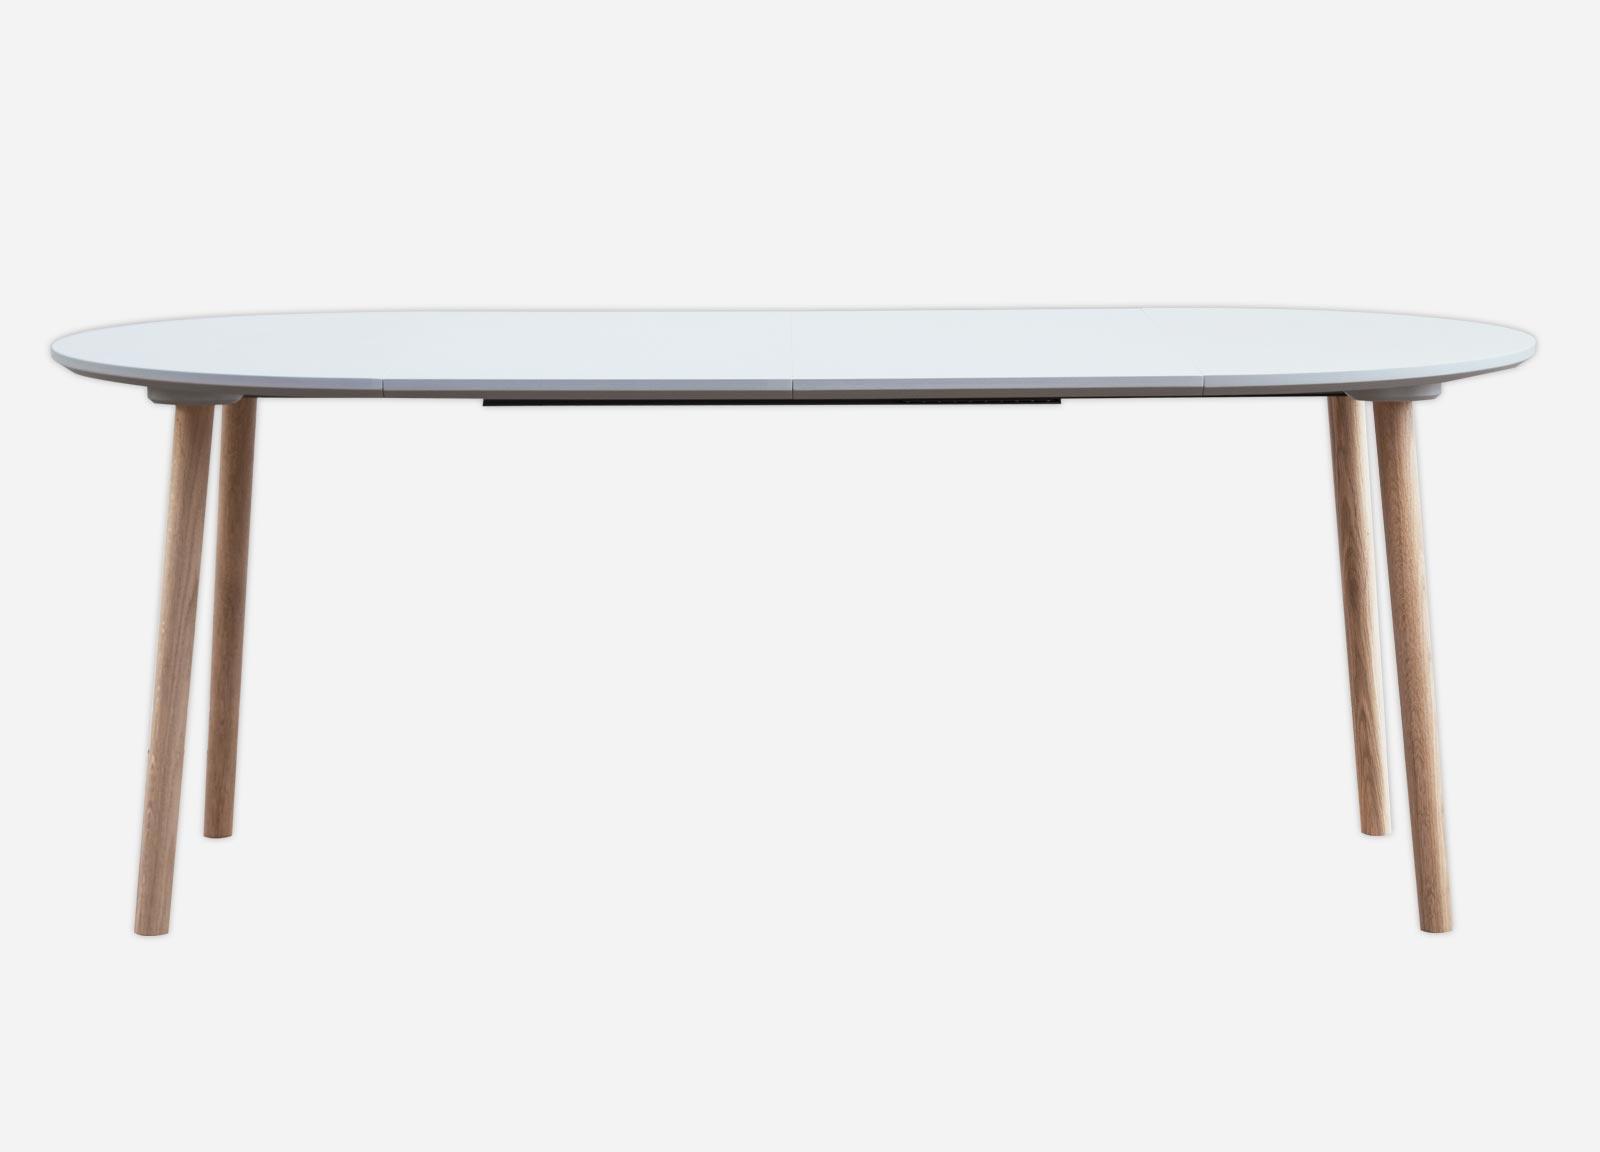 rundt spisebord med udtræk Rundt spisebord med udtræk og ekstra tillægsplader rundt spisebord med udtræk